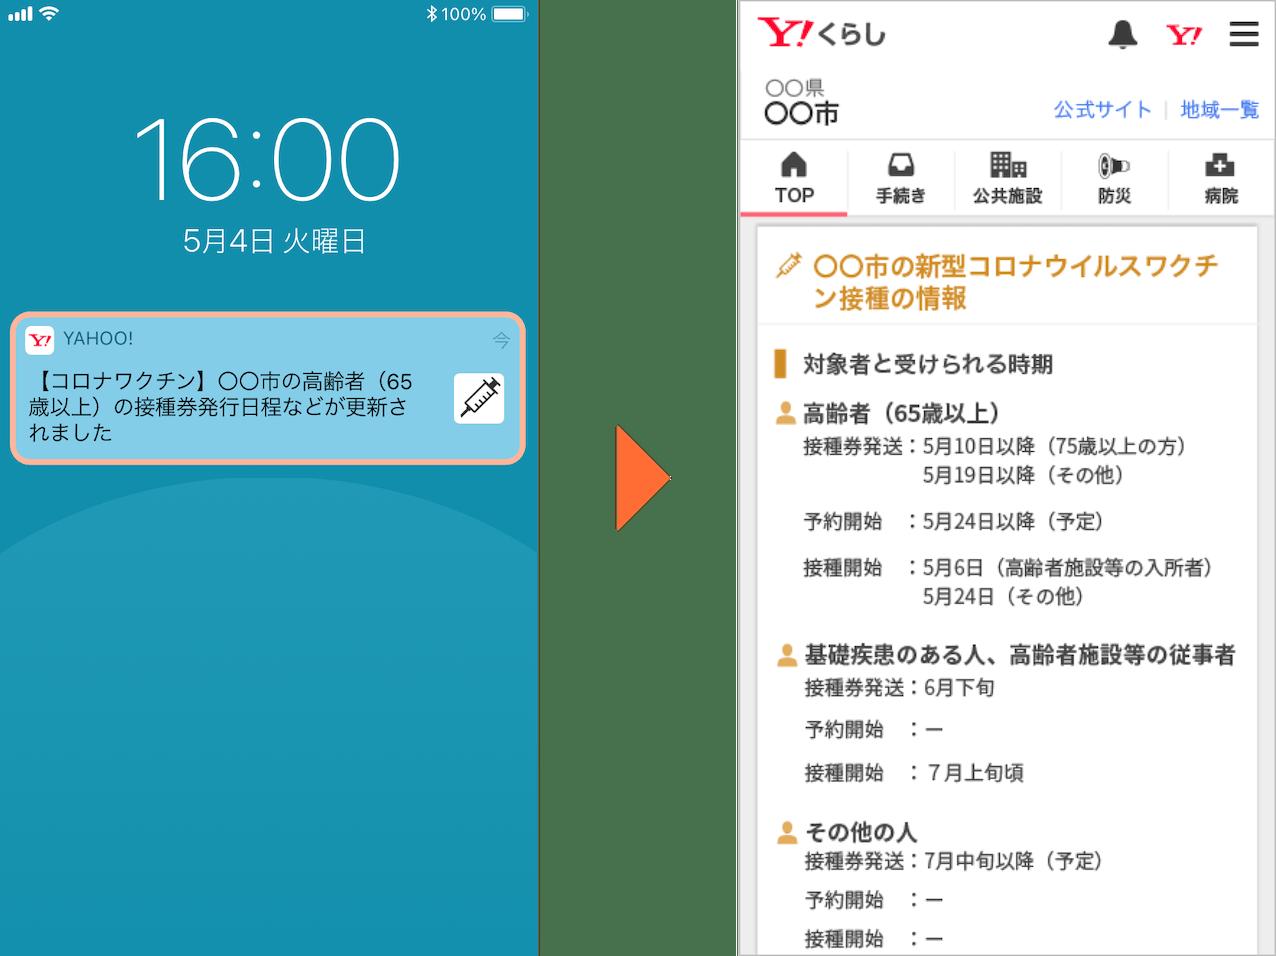 ヤフーは「ヤフージャパン」のアプリで、自治体の新型コロナウイルスワクチンの接種日程の情報を通知する取り組みを始めた(画像はイメージ)